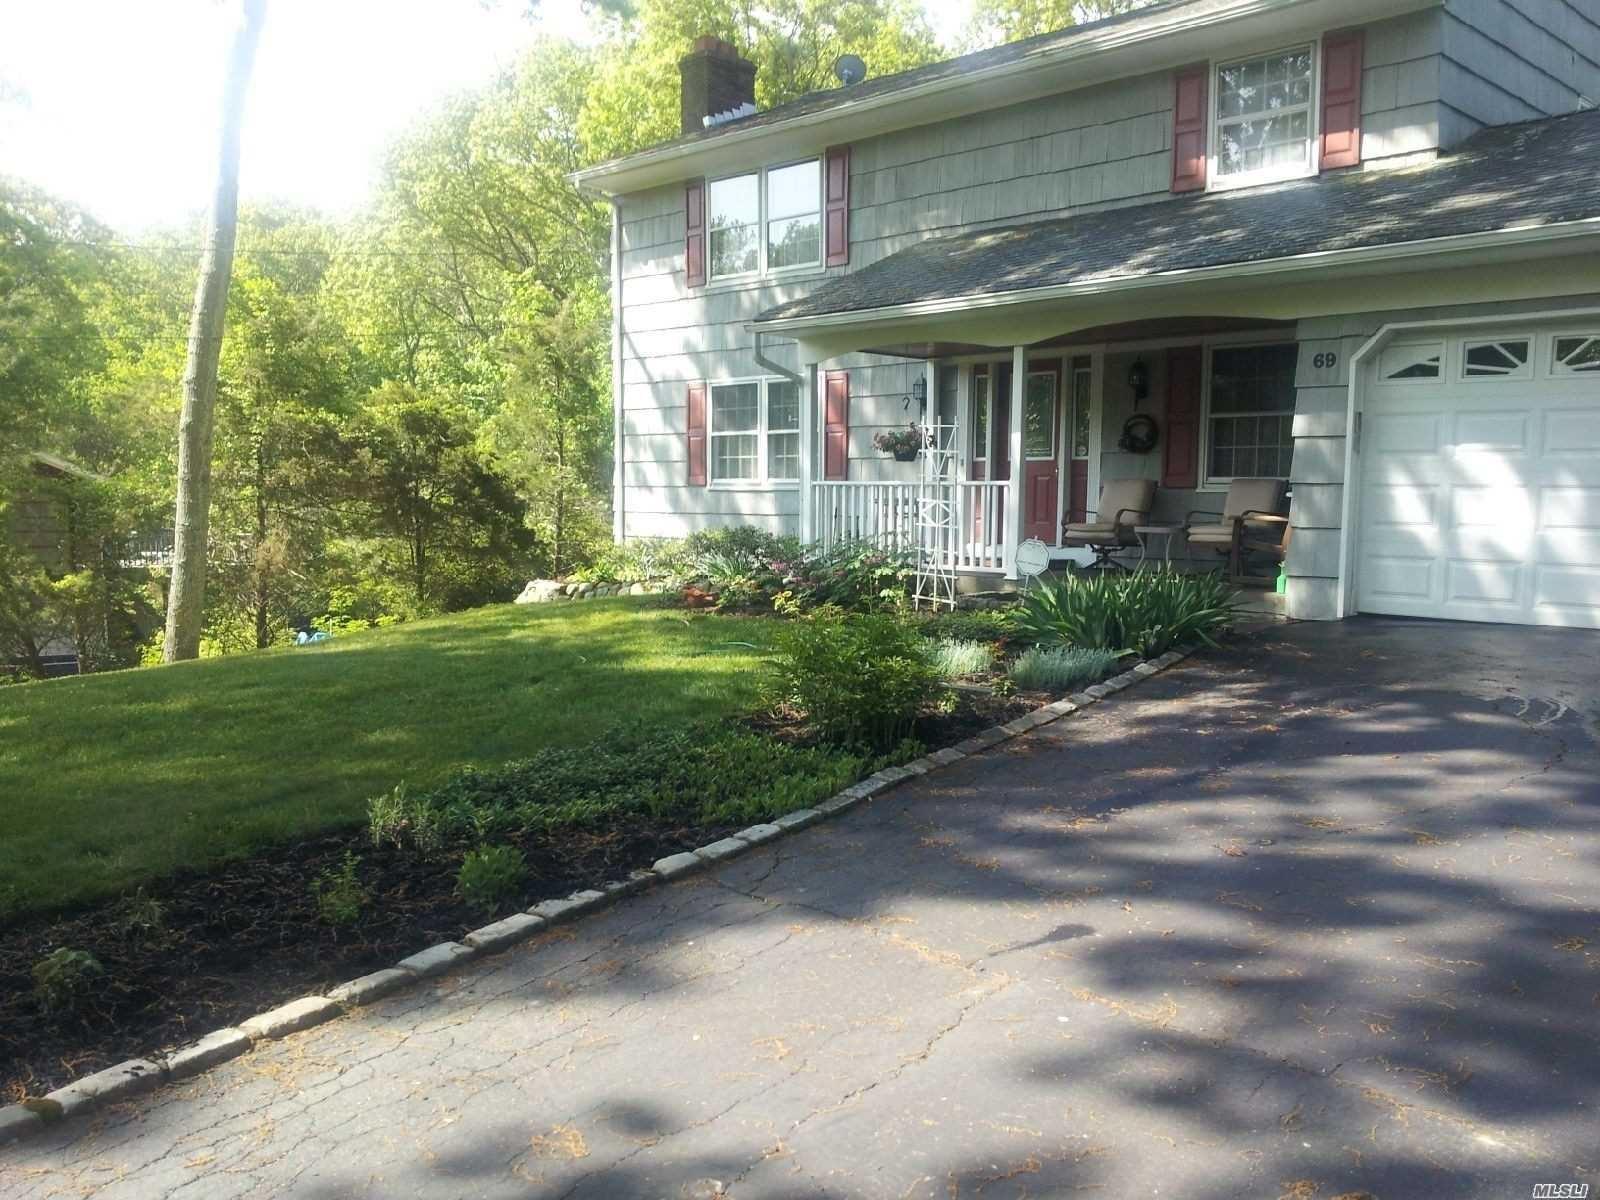 69 Sylvan Dr, Wading River, NY 11792 - MLS#: 3220191